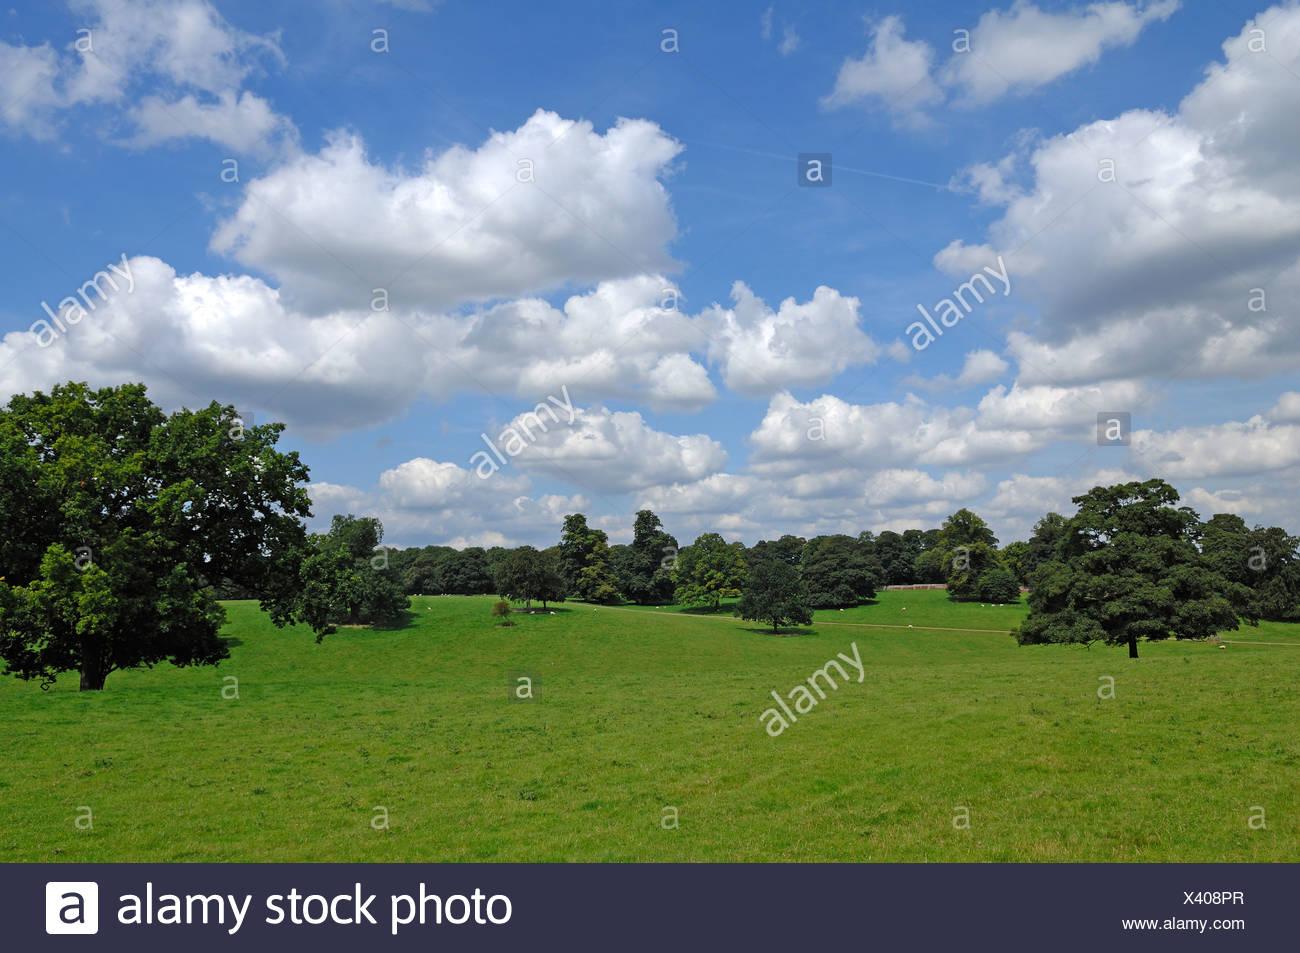 Park, 'Boughton House', Geddington, Kettering, Northamptonshire, England, United Kingdom, Europe - Stock Image